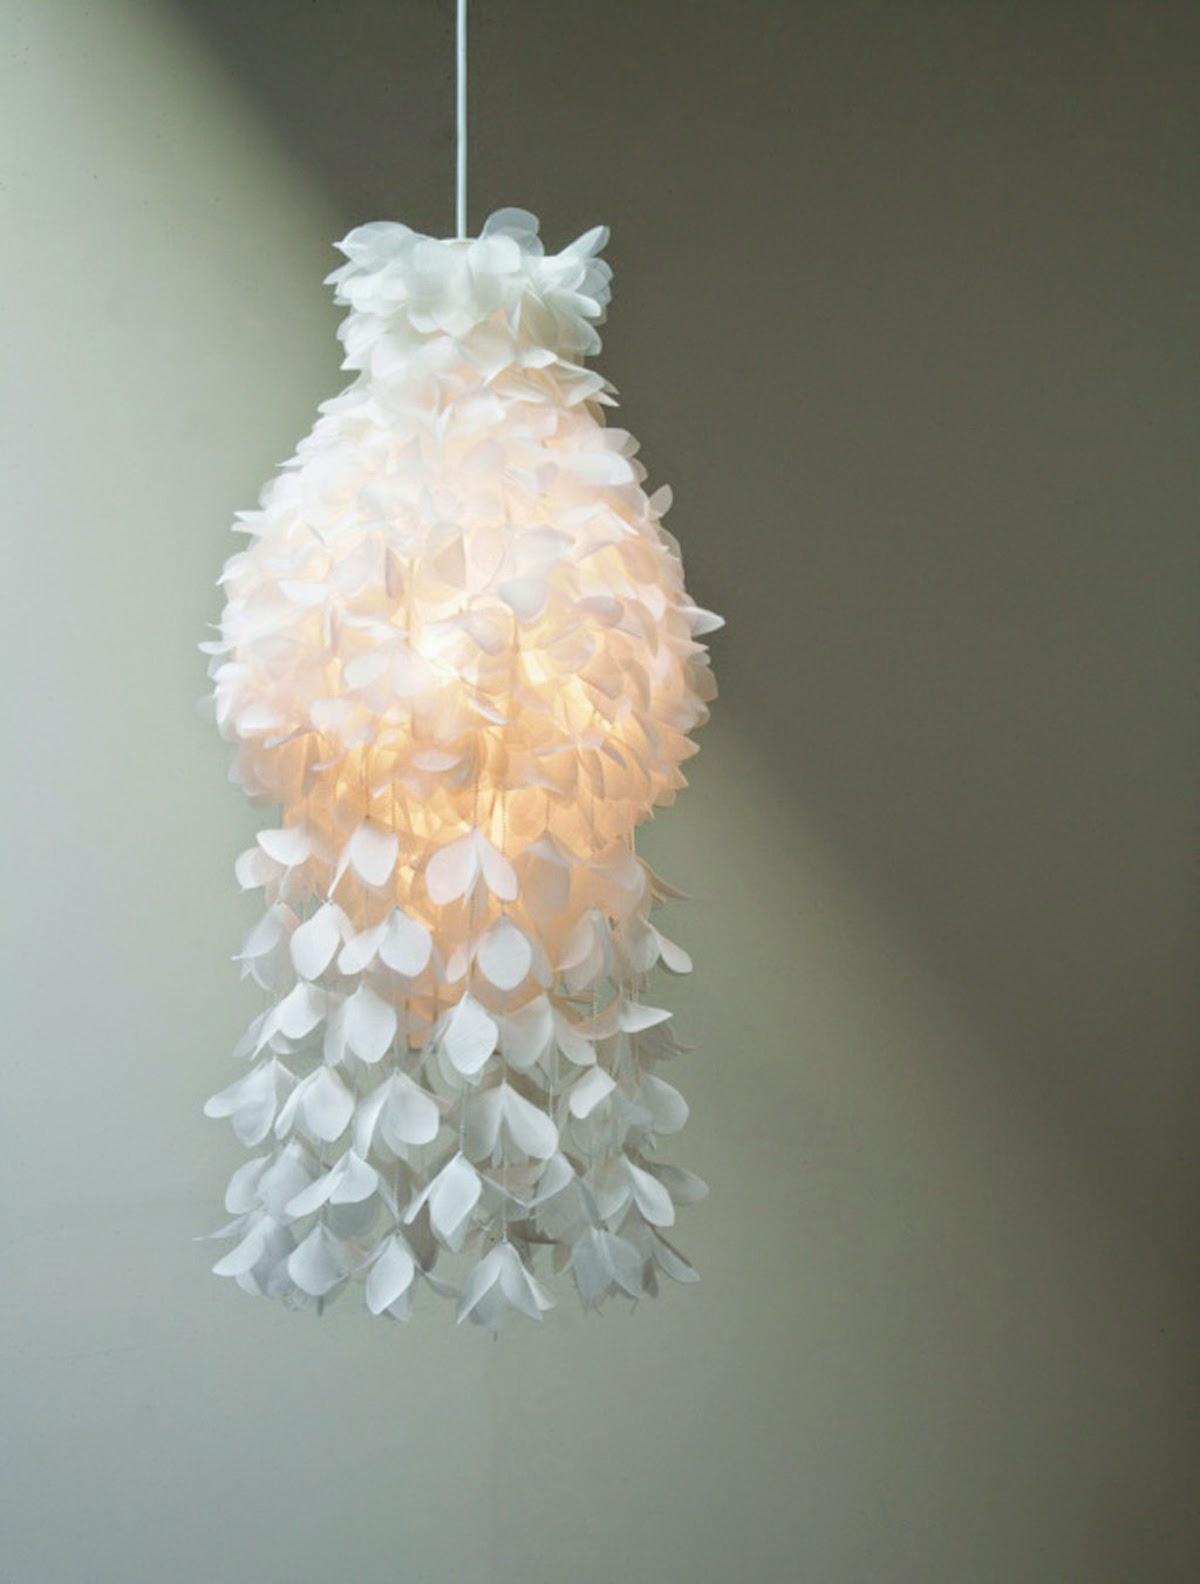 lampu tidur kreatif, unik dan indah